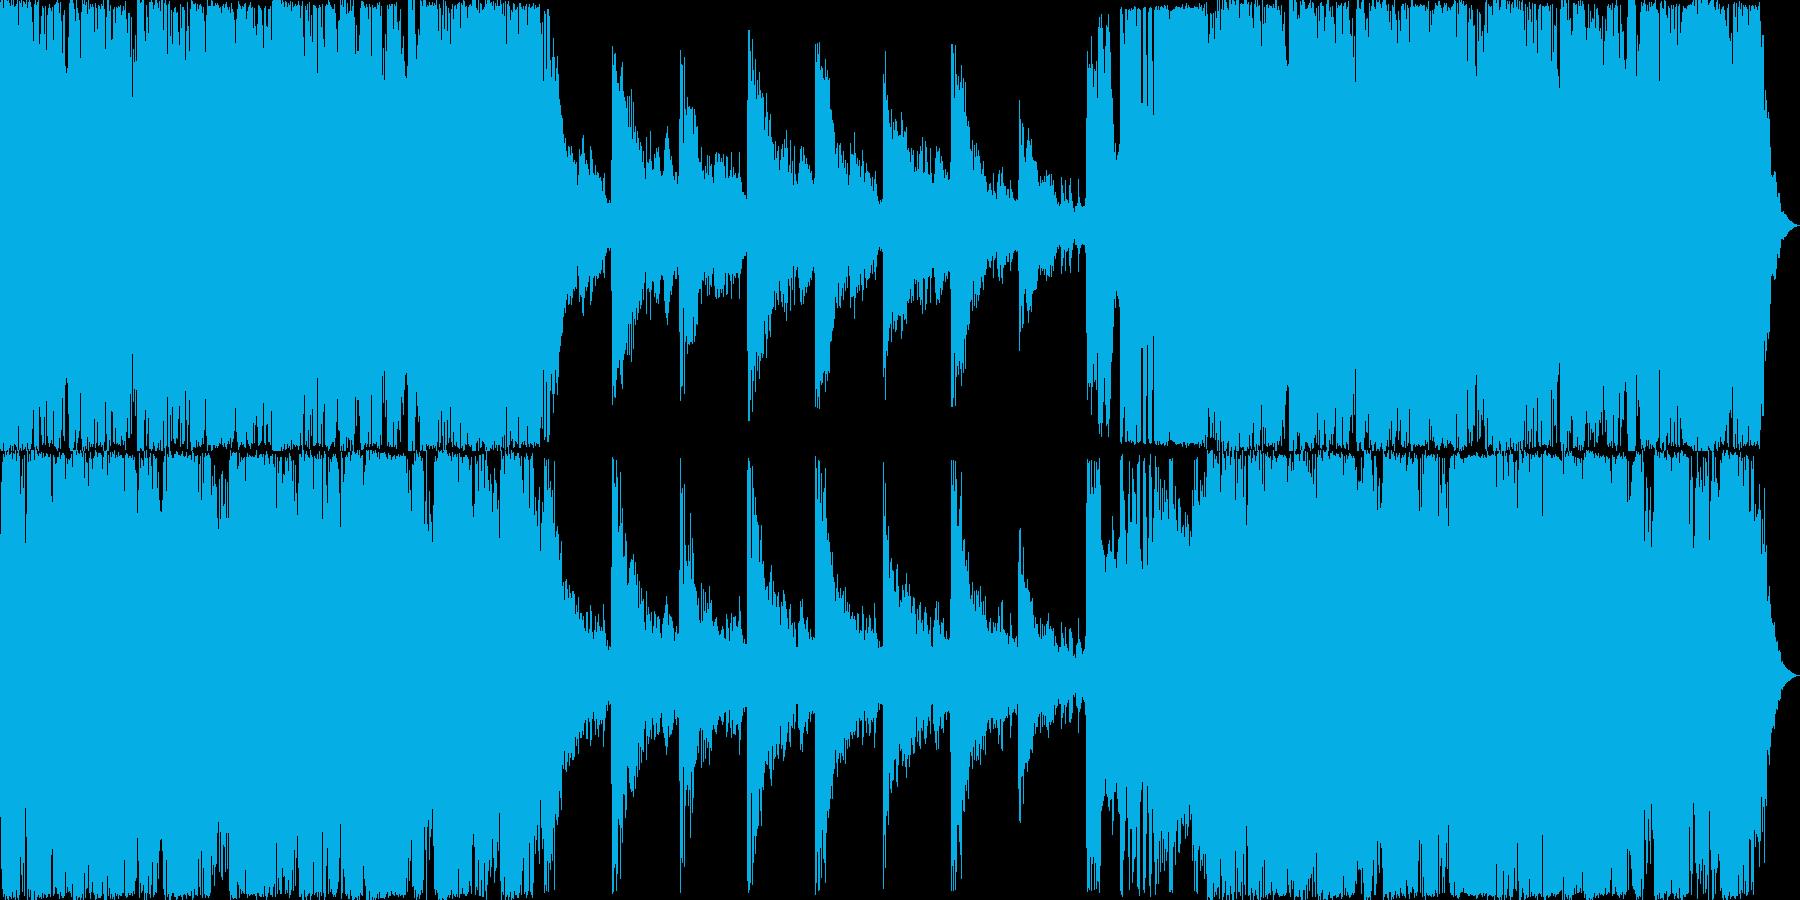 RPGゲームのオープニングオーケストラ風の再生済みの波形